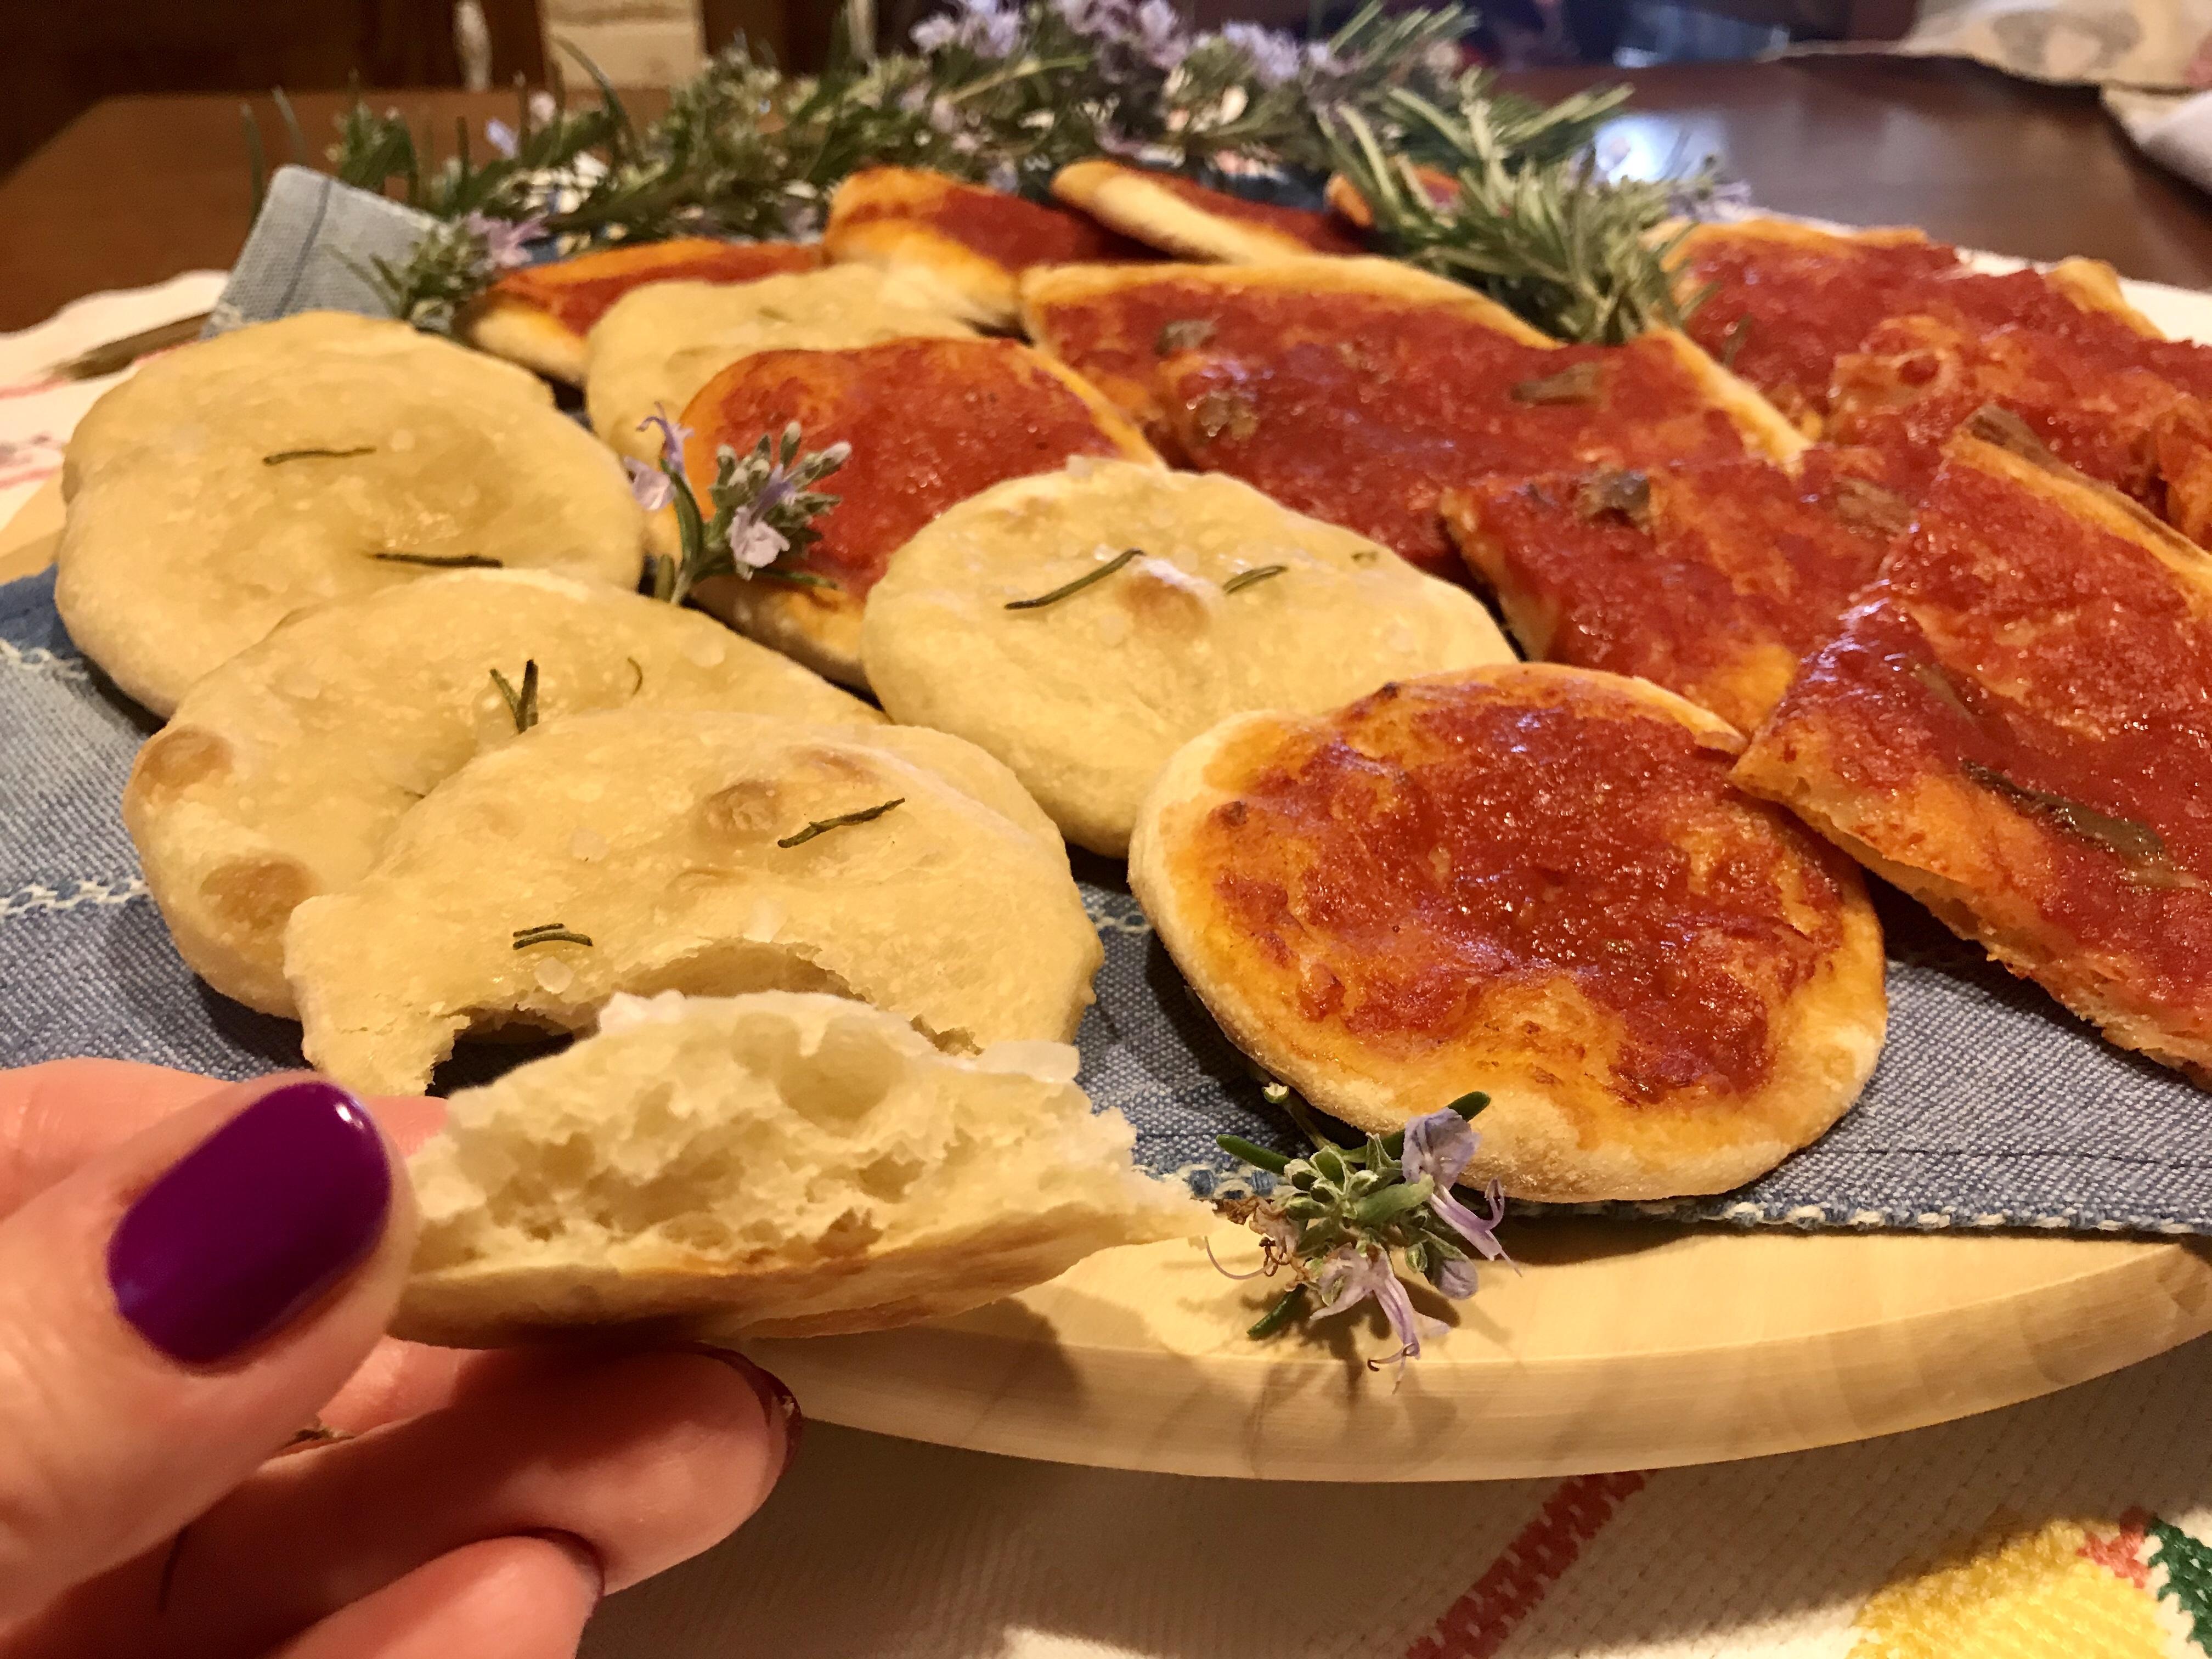 Pizza senza lievito, solo con acqua fermentata di frutta